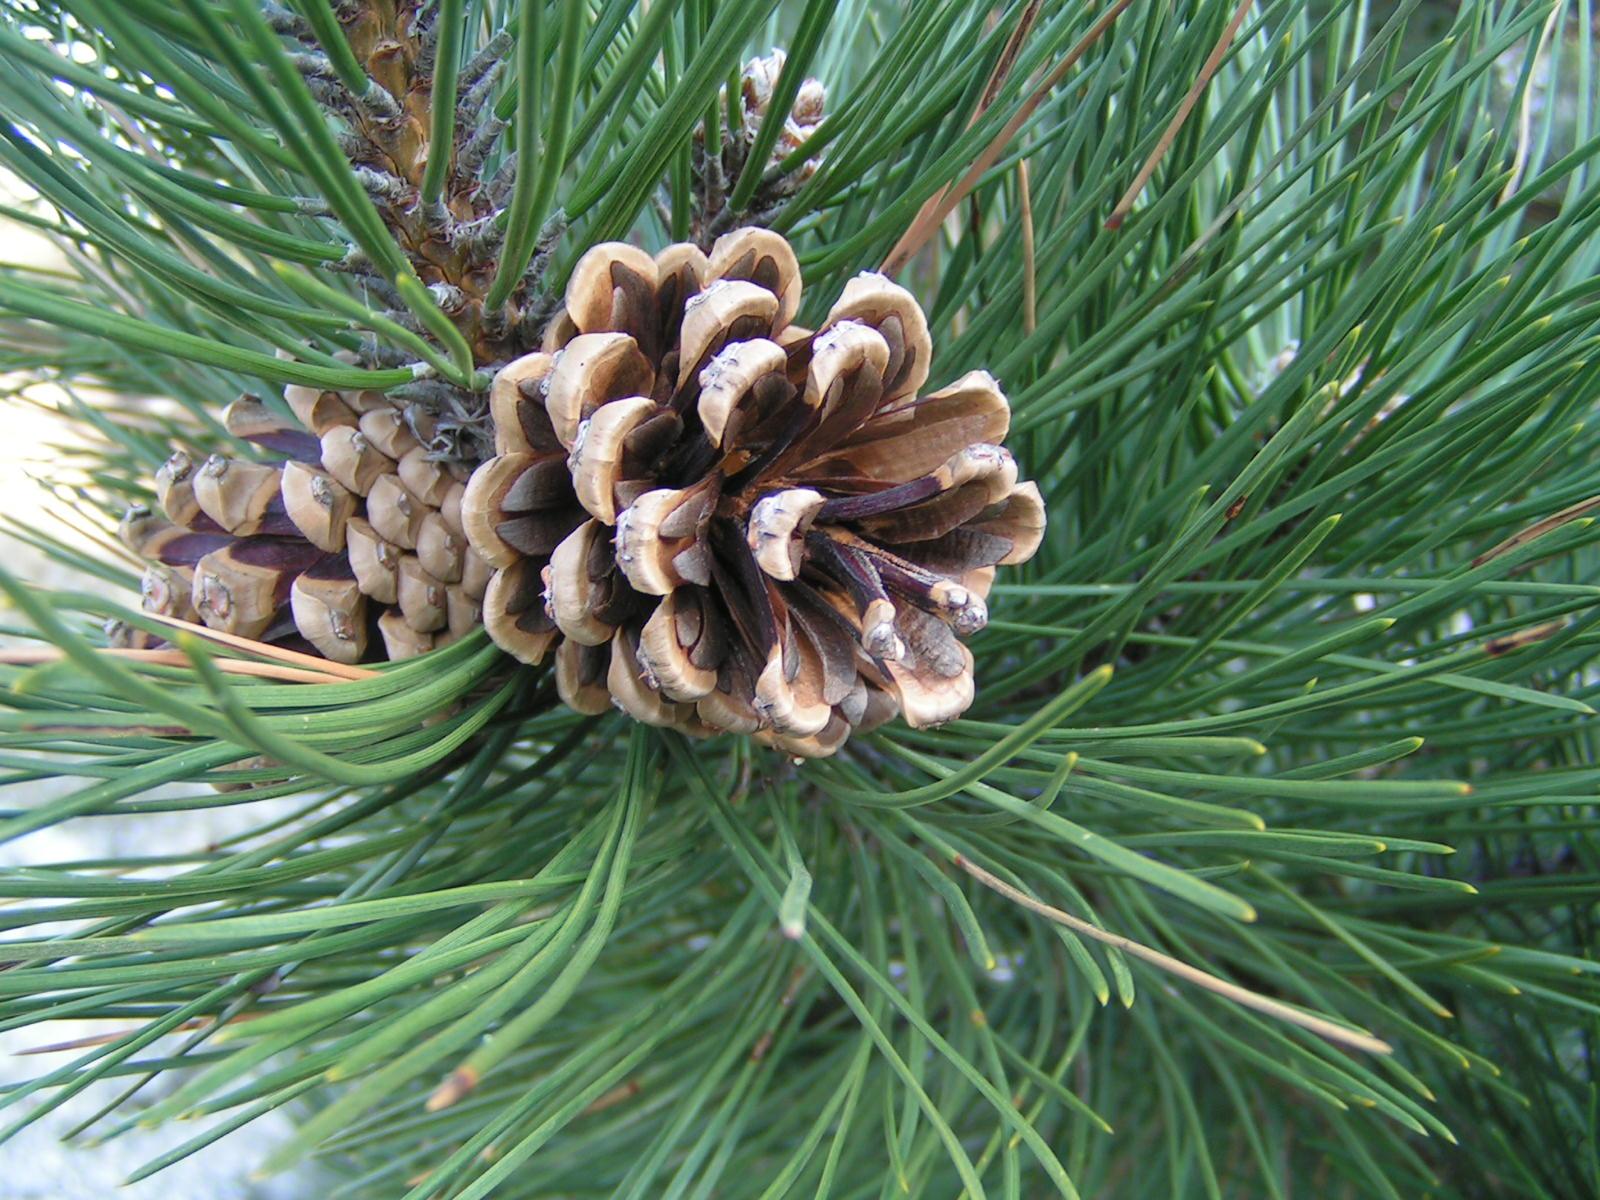 Pine Cone Photos 1248148 Freeimages Com